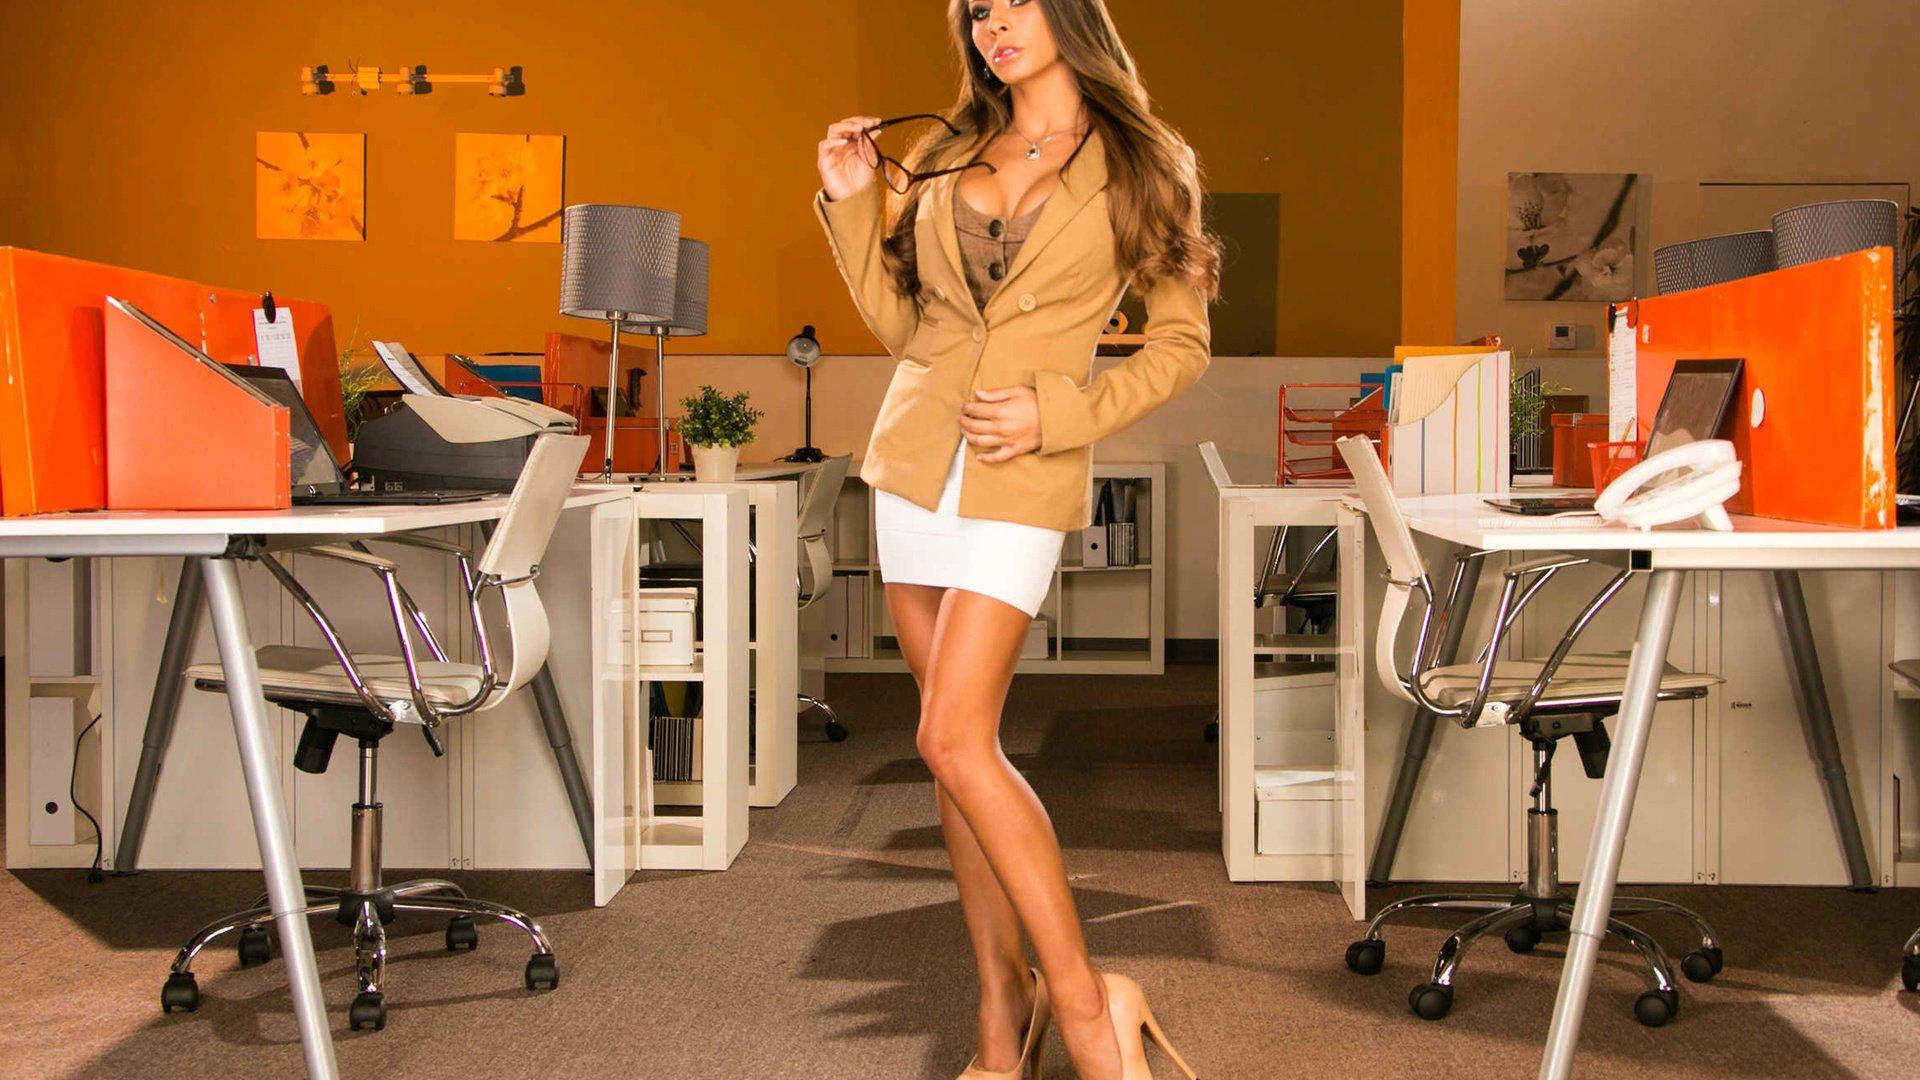 Секс в офисе 18, Порно в офисе. Секс с секретаршей 25 фотография